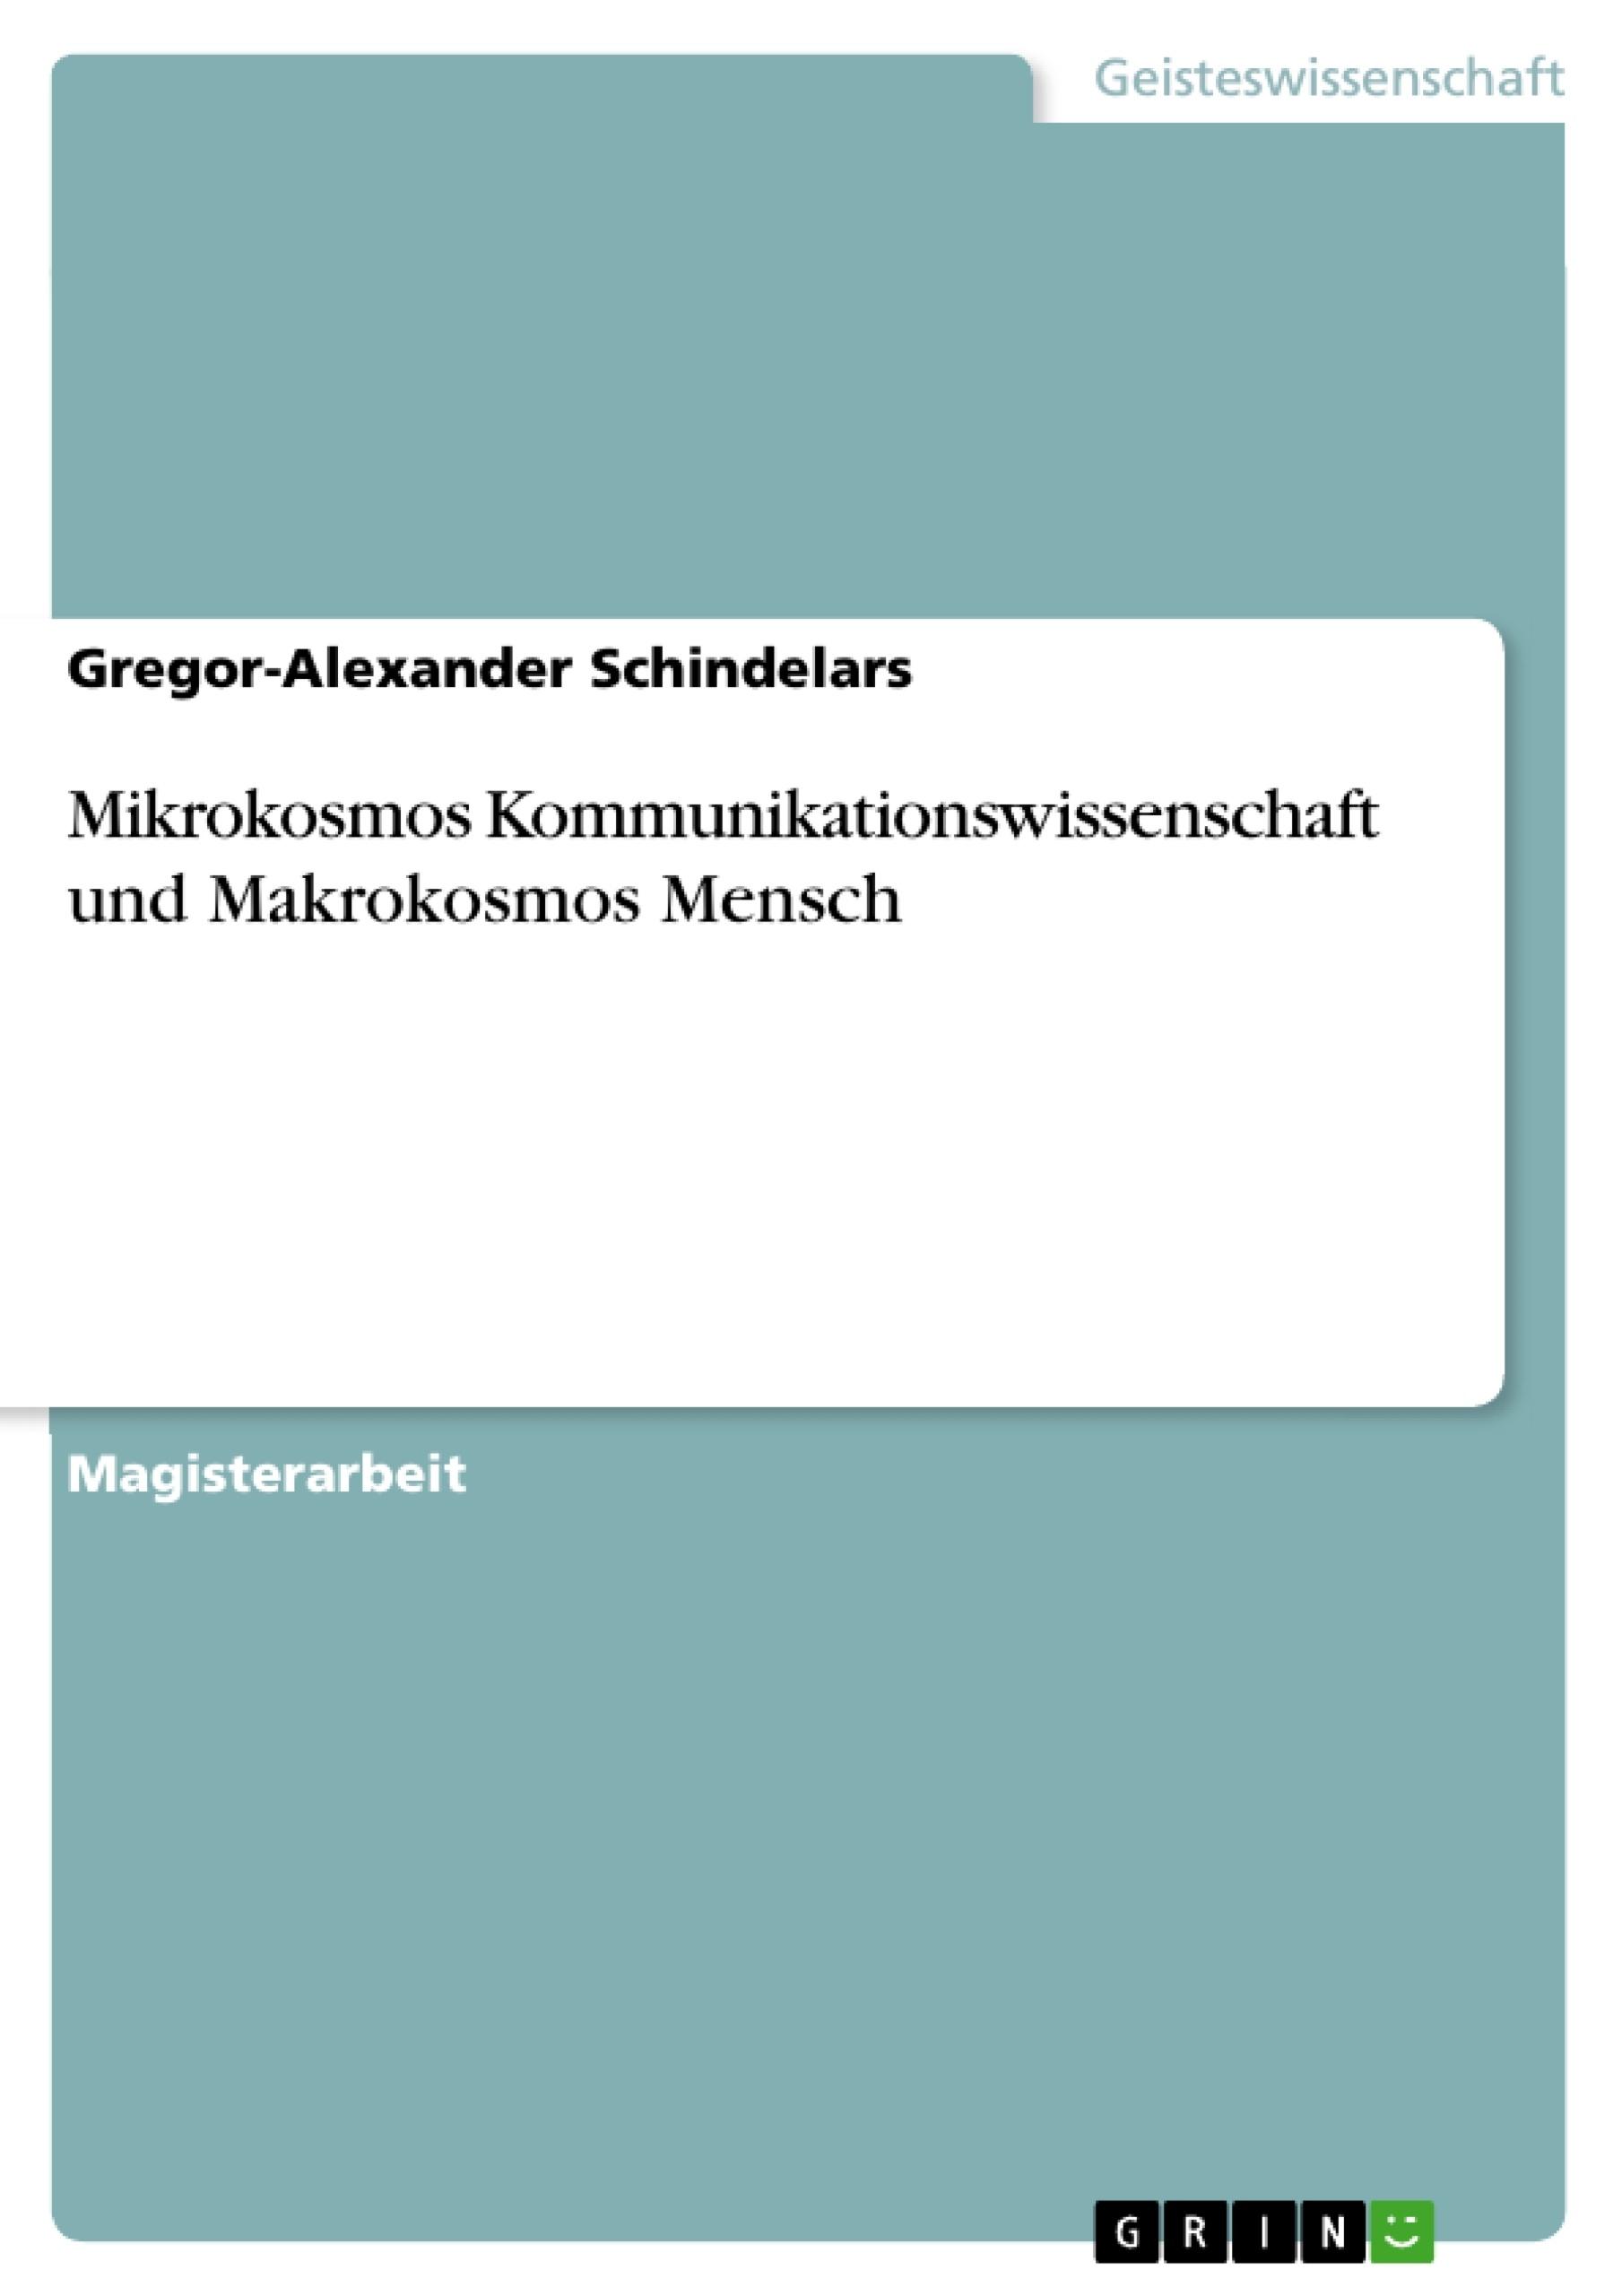 Titel: Mikrokosmos Kommunikationswissenschaft und Makrokosmos Mensch